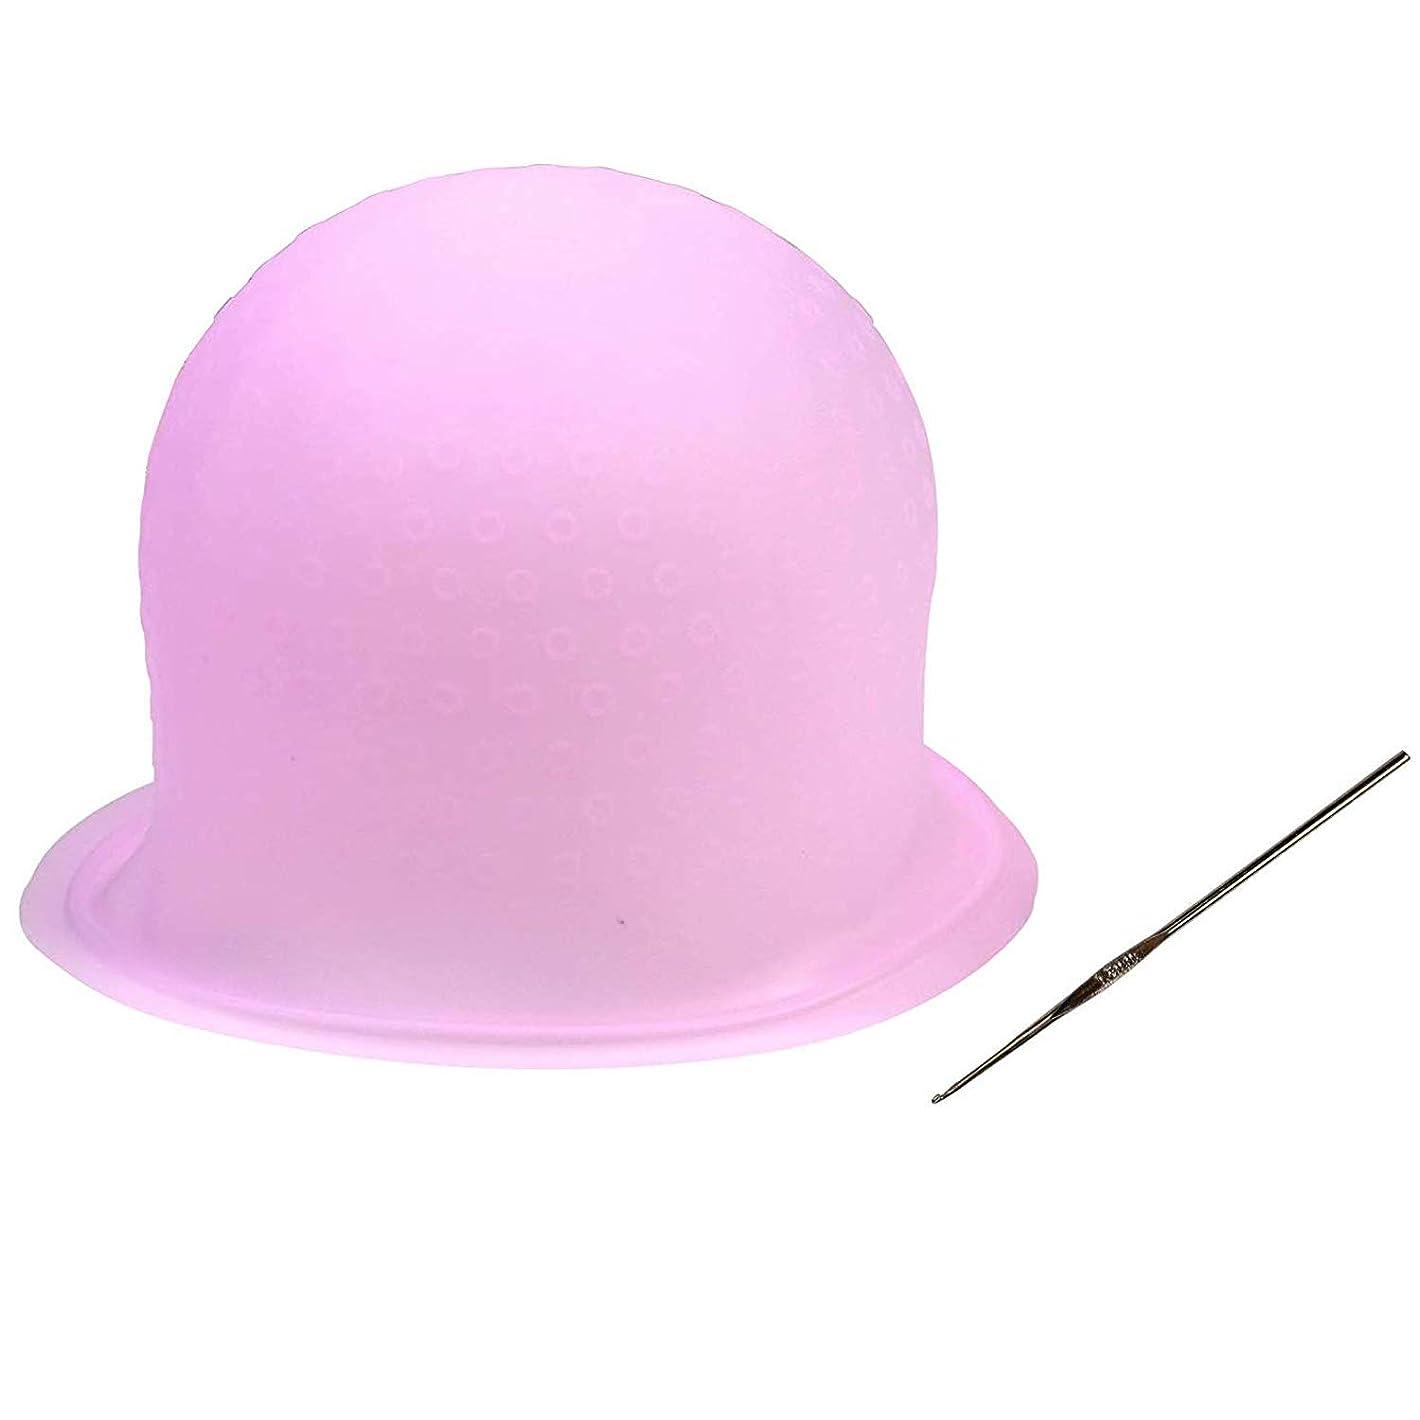 自信がある出費アシスト毛染めキャップ 洗って使える ヘアカラー メッシュ シリコン ヘア キャップ(かぎ針付き) 再利用可能 染め専用 ボンネット 部分染め 自宅 DIY (ピンク)